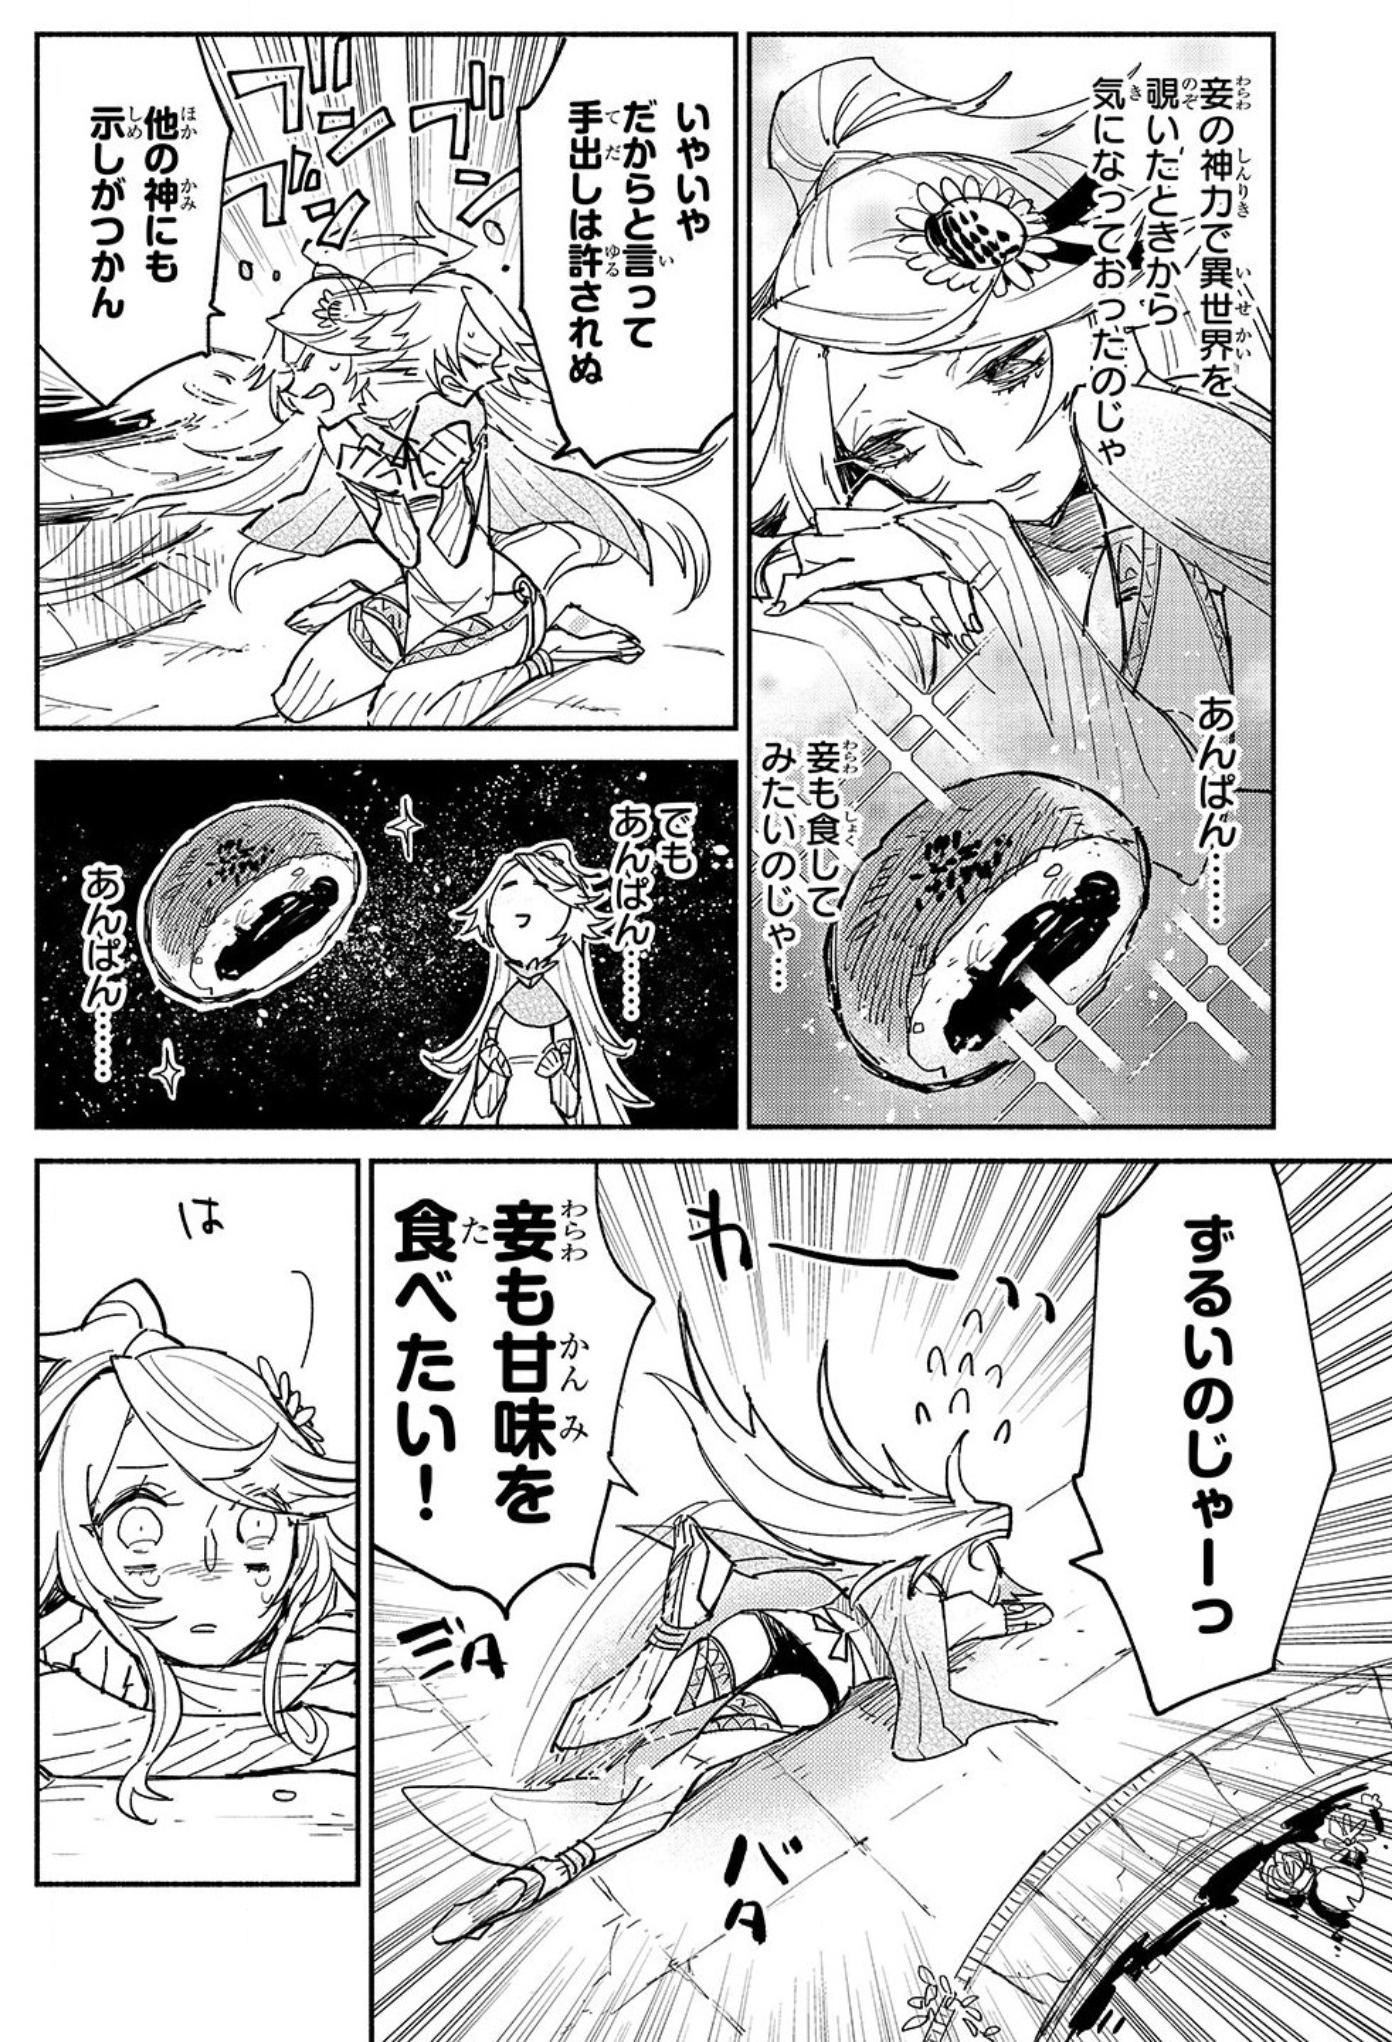 作品の魅力3:駄女神様はあんこに夢中!?